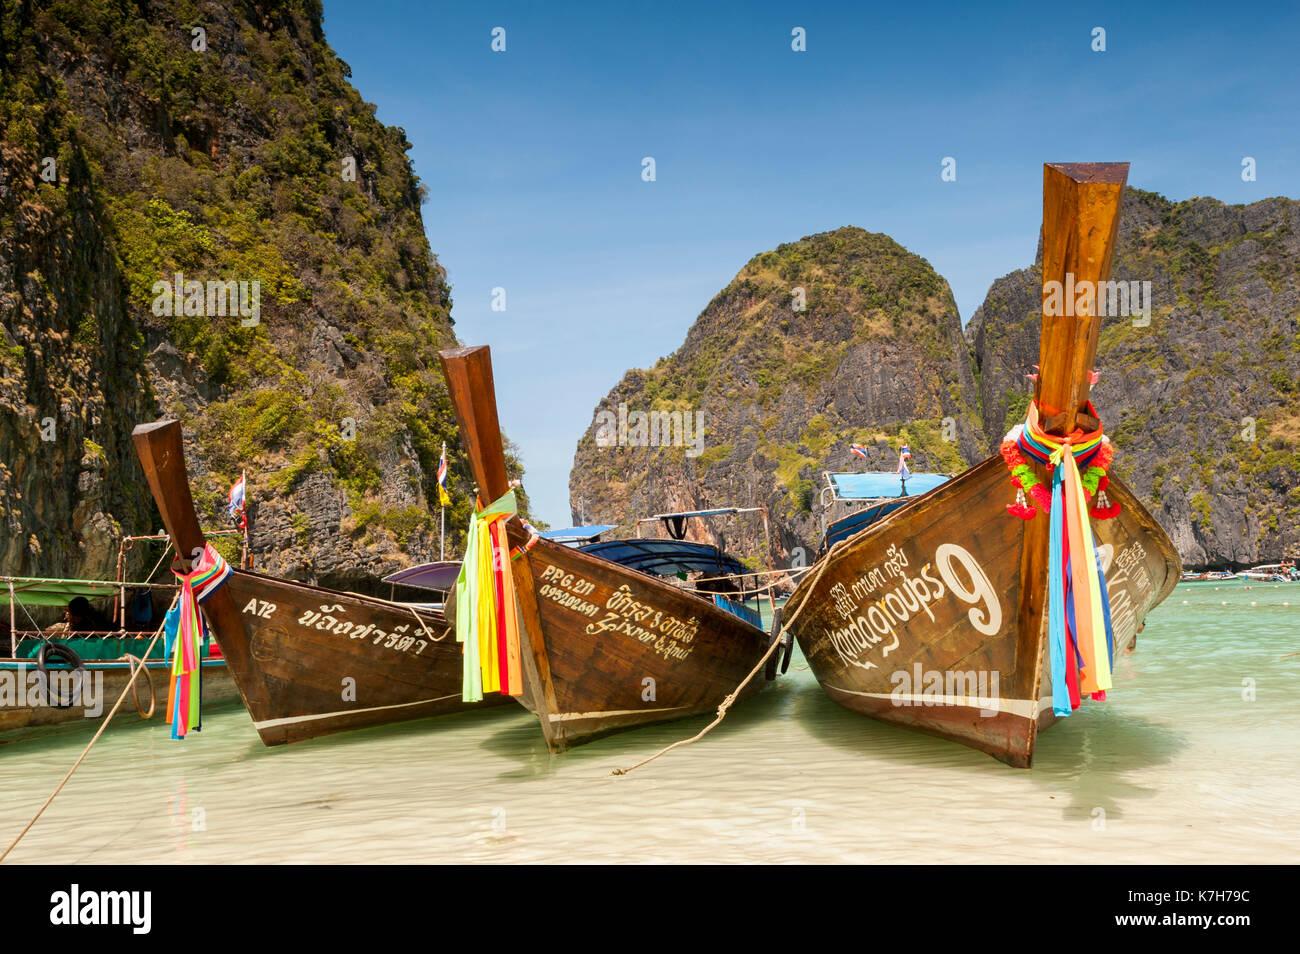 Bateaux à longue queue dans la baie de maya, les îles Phi Phi, en Thaïlande. Photo Stock